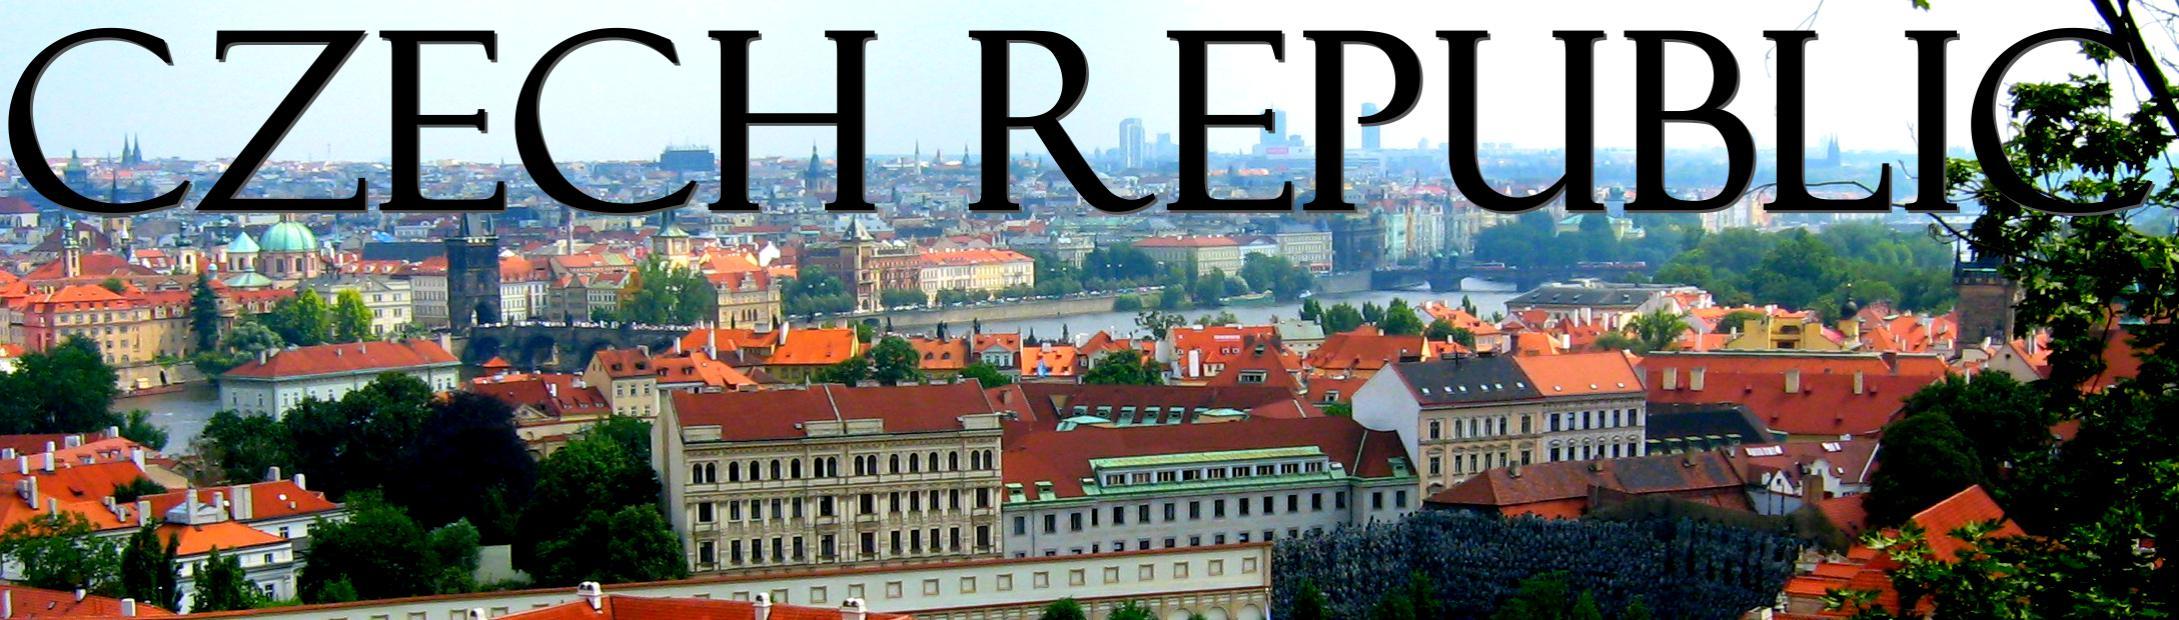 czech banner